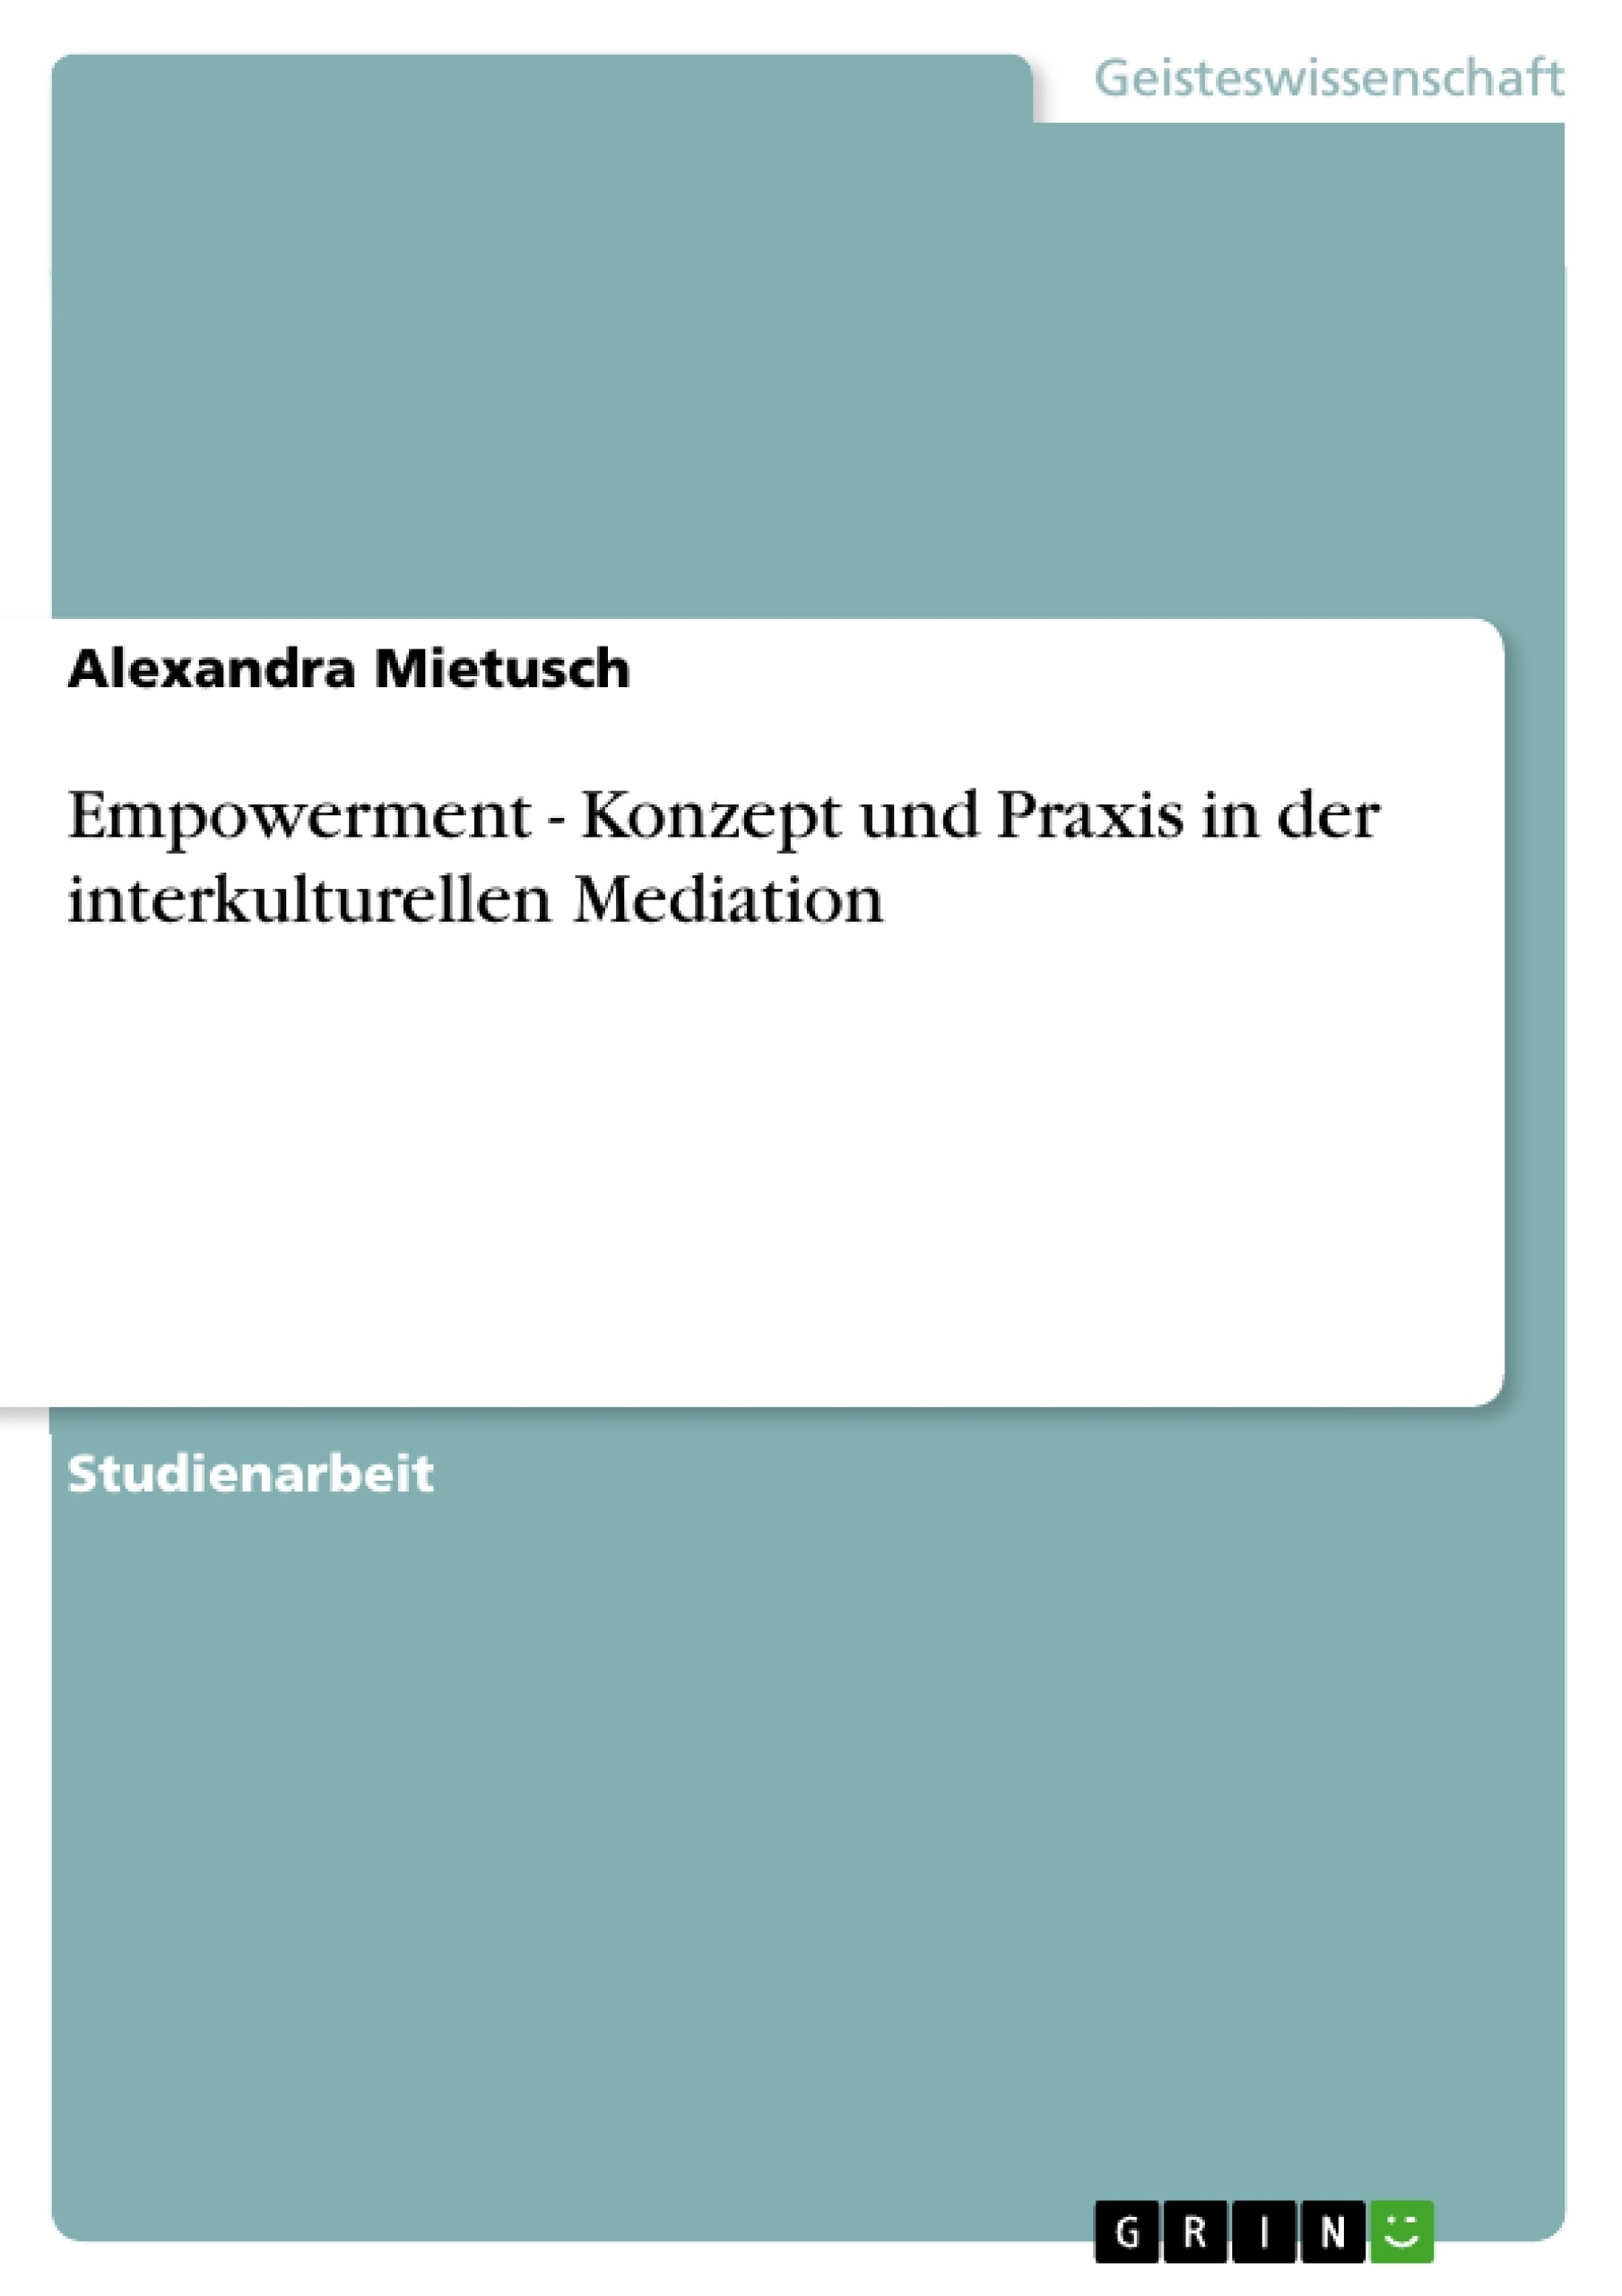 Titel: Empowerment - Konzept und Praxis in der interkulturellen Mediation